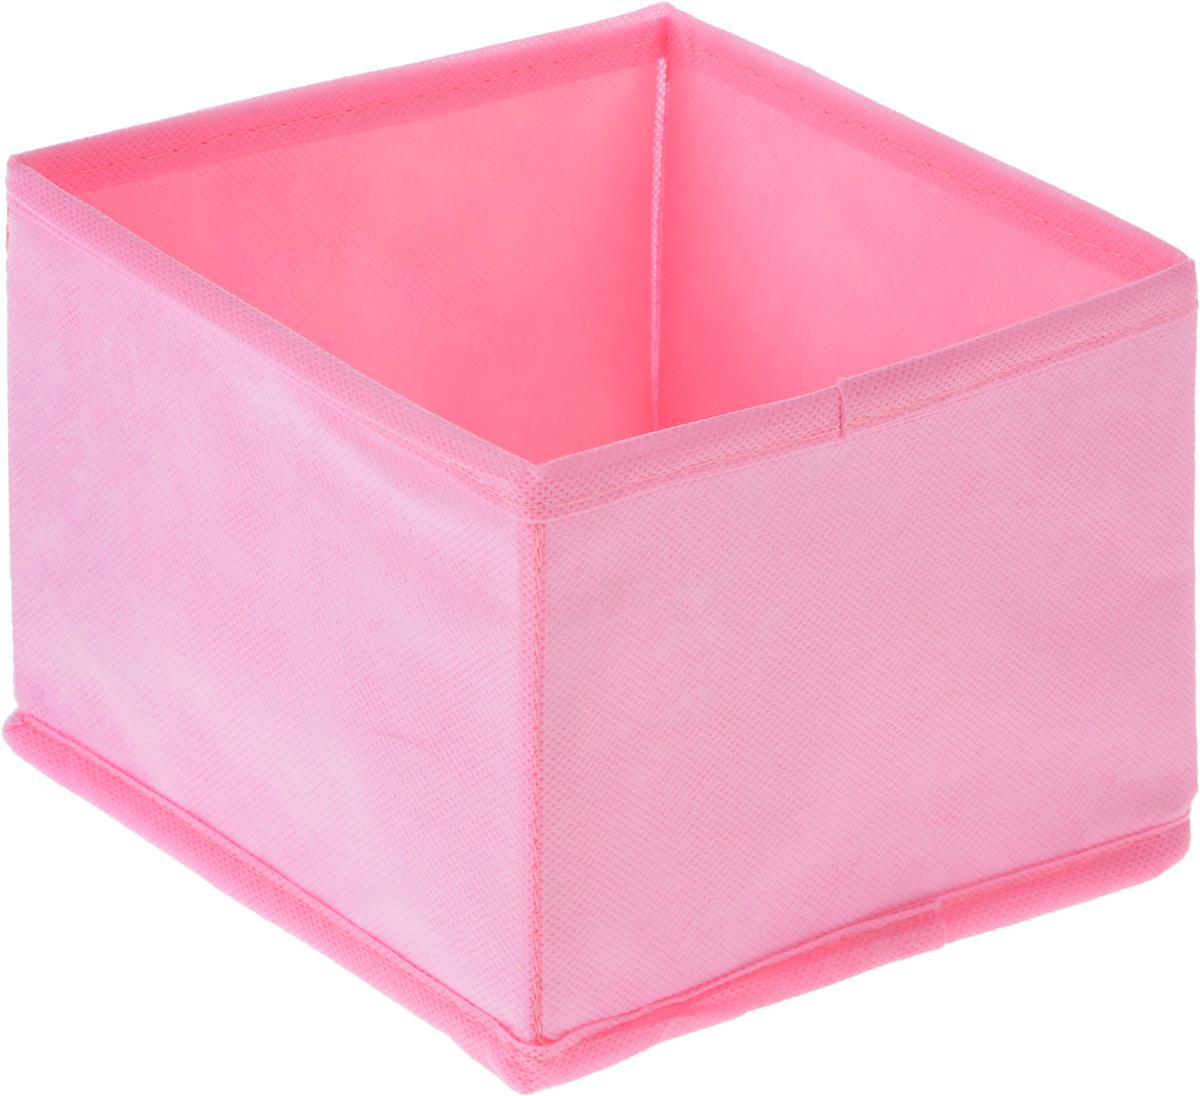 Органайзер Все на местах Minimalistic, цвет: розовый, 15 х 15 х 11 см840316Органайзер Все на местах Minimalistic поможет удобно хранить вещи. Изделие выполнено из высококачественного нетканого материала, который обеспечивает естественную вентиляцию, позволяя воздуху проникать внутрь, но не пропускает пыль. Вставки из ПВХ хорошо держат форму. Изделие содержит одну большую секцию. Органайзер легко раскладывается и складывается. Оригинальный дизайн придется по вкусу ценителям эстетичного хранения. Размер органайзера в разложенном виде: 15 х 15 х 11 см.